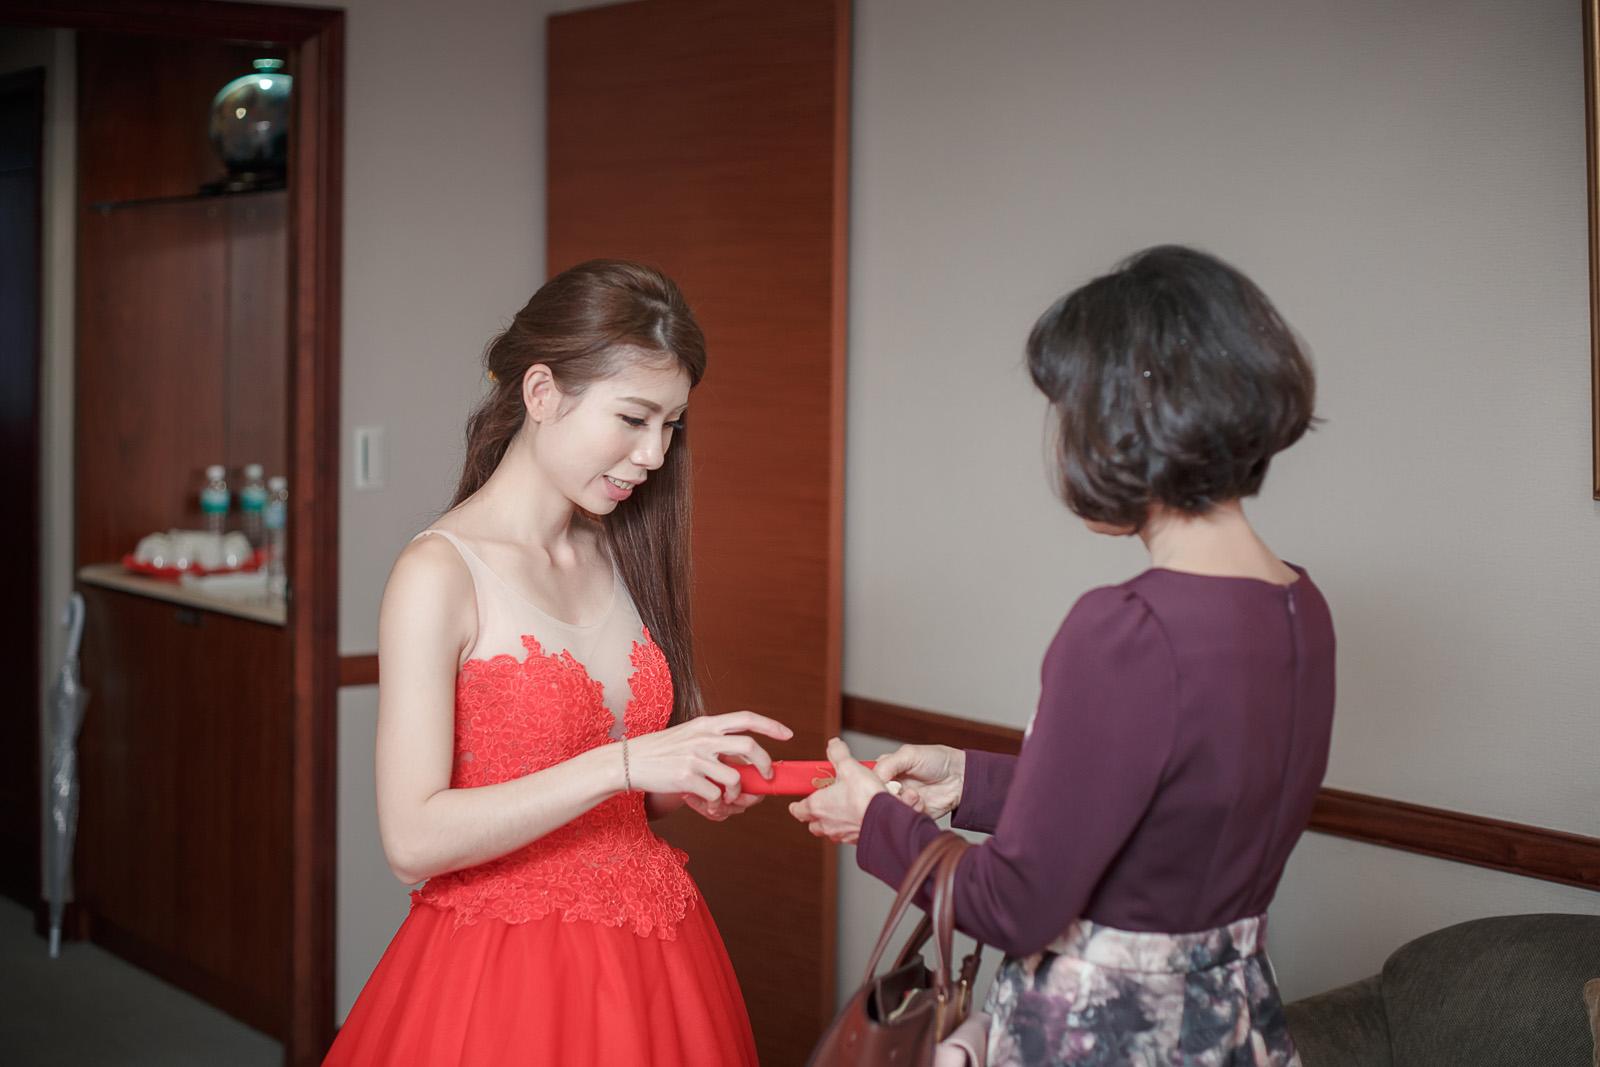 高雄圓山飯店,婚禮攝影,婚攝,高雄婚攝,優質婚攝推薦,Jen&Ethan-001